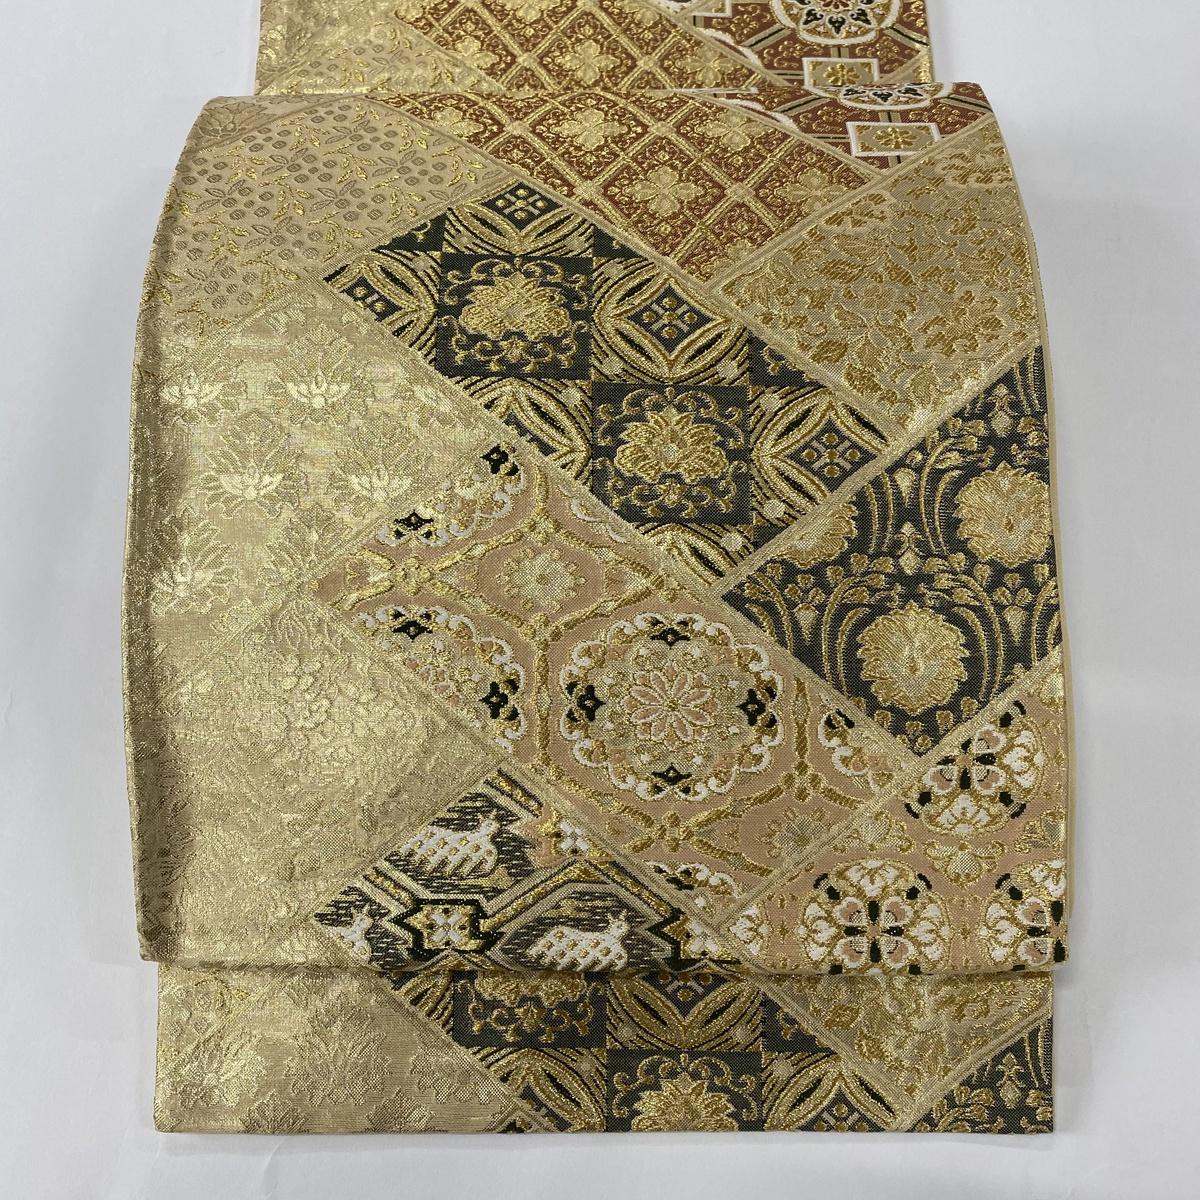 袋帯 美品 秀品 華文 遠州緞子 金糸 箔 金色 六通 正絹 【中古】